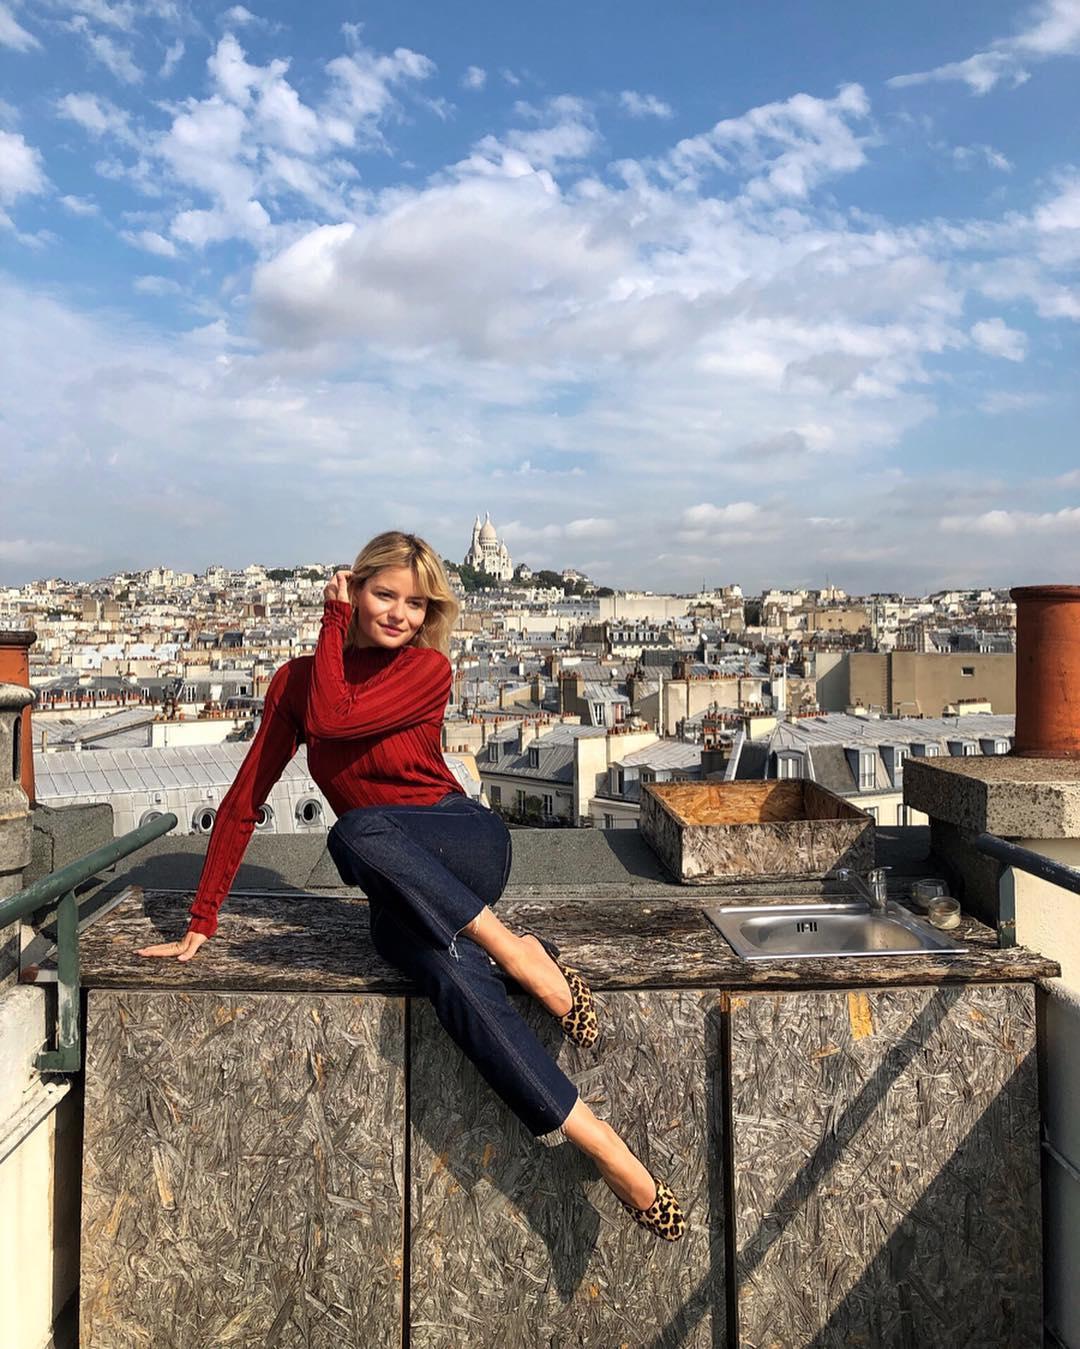 Hội IT Girl nước Pháp có đến 9 bí kíp diện đồ để không bao giờ mặc xấu, chỉ thanh lịch và sang chảnh trở lên - Ảnh 25